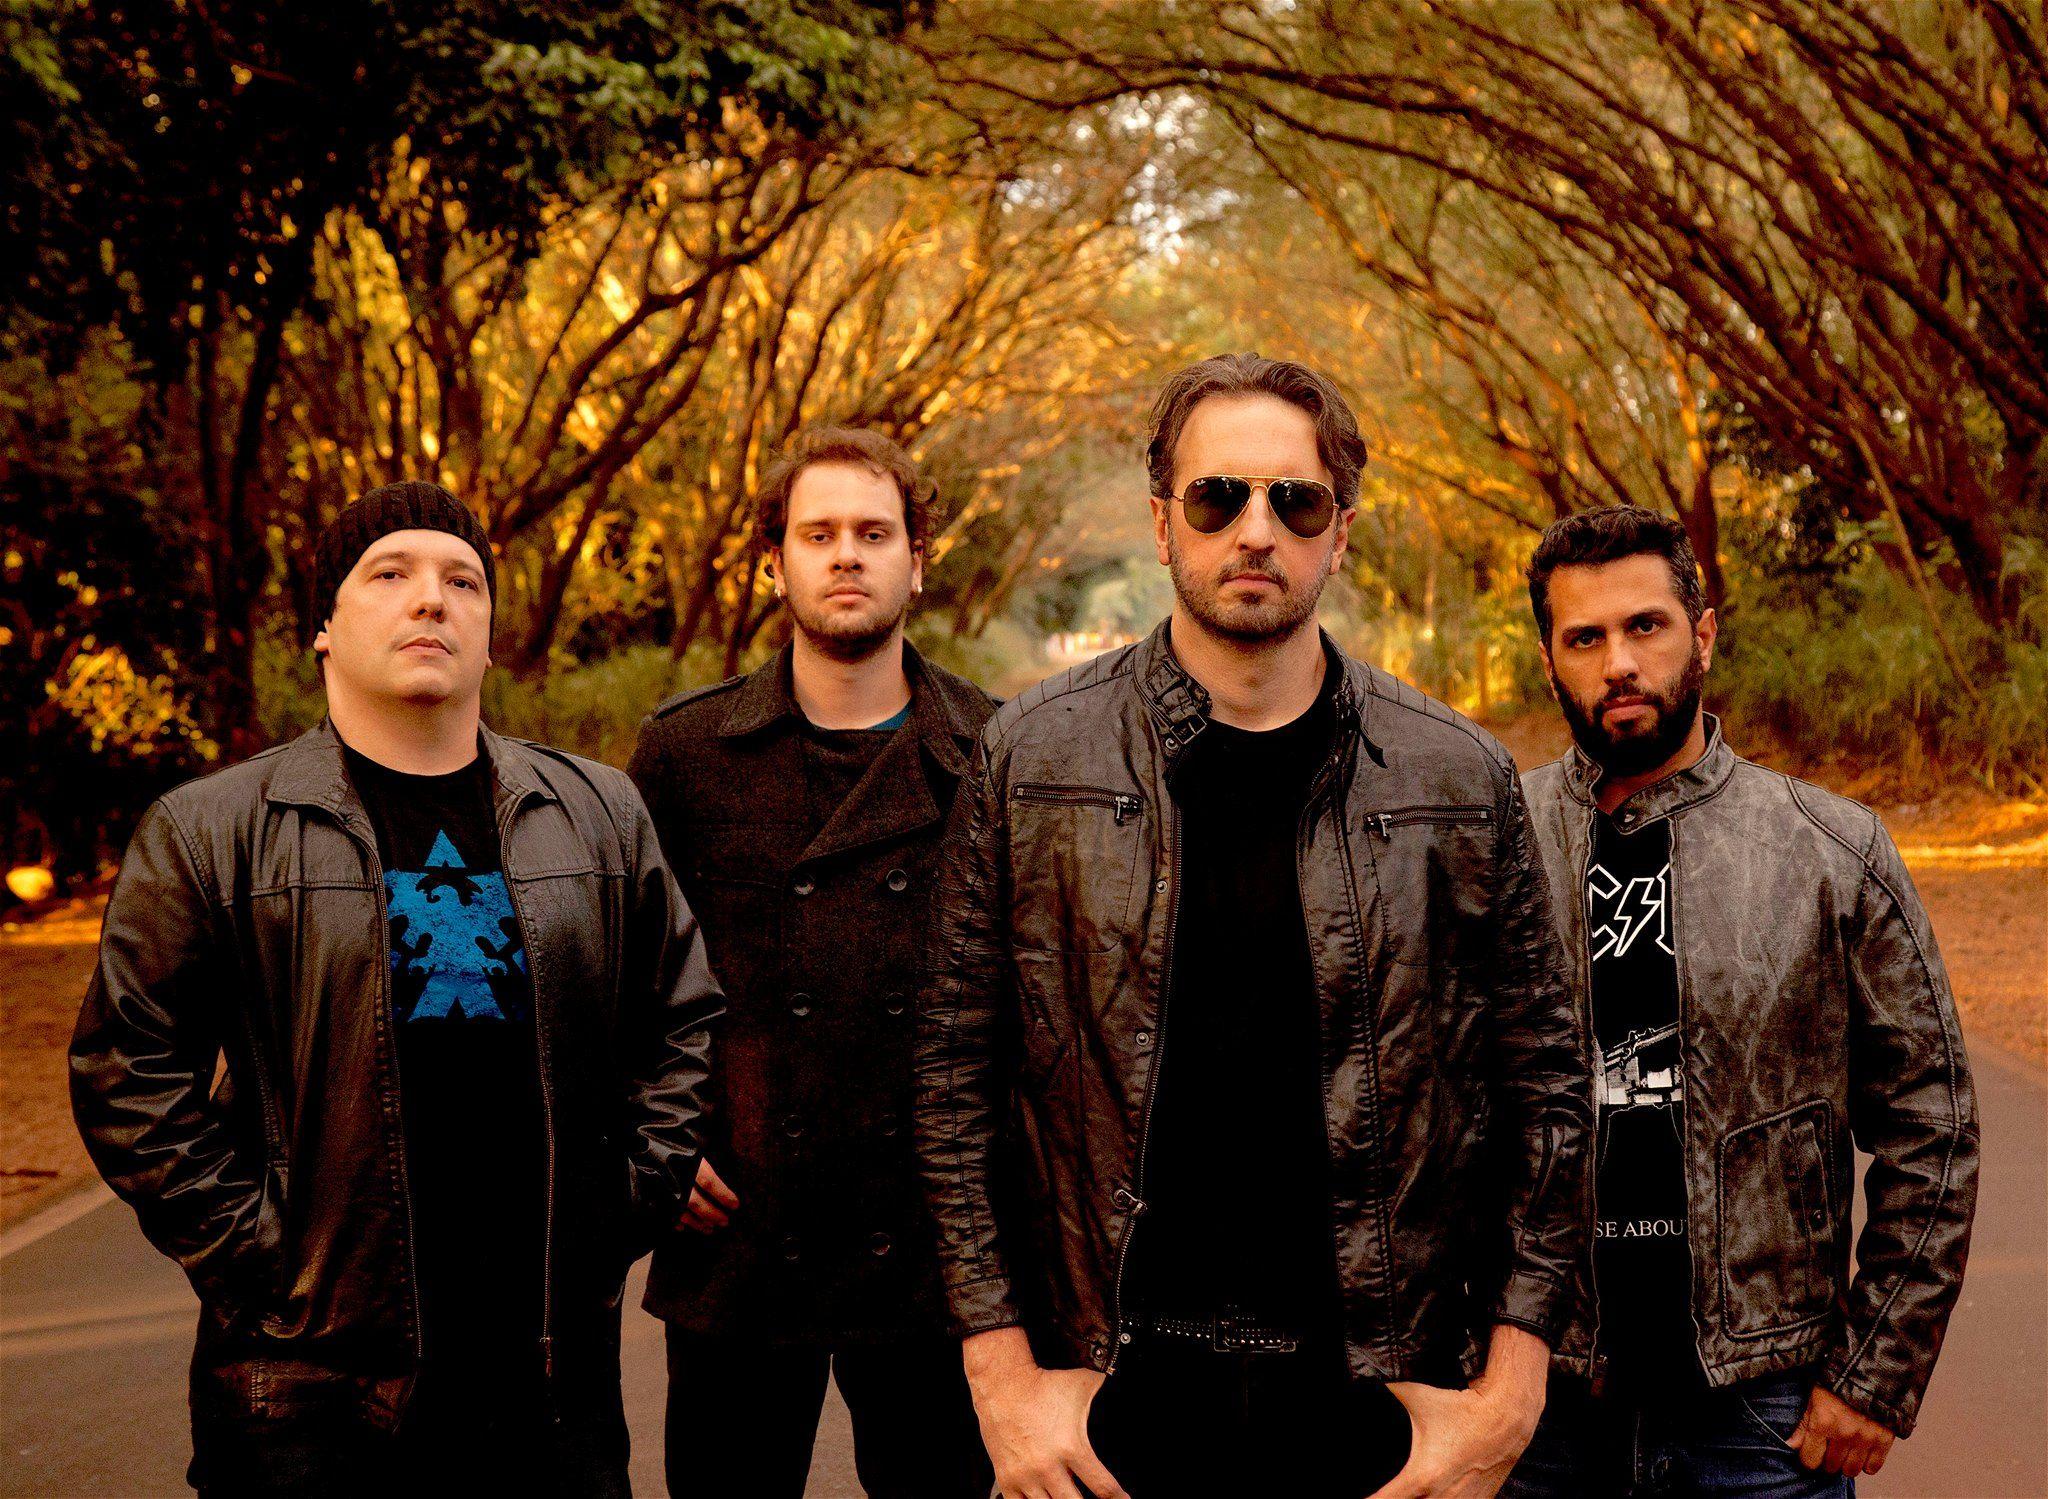 Rotor, banda de rock do interior de São Paulo